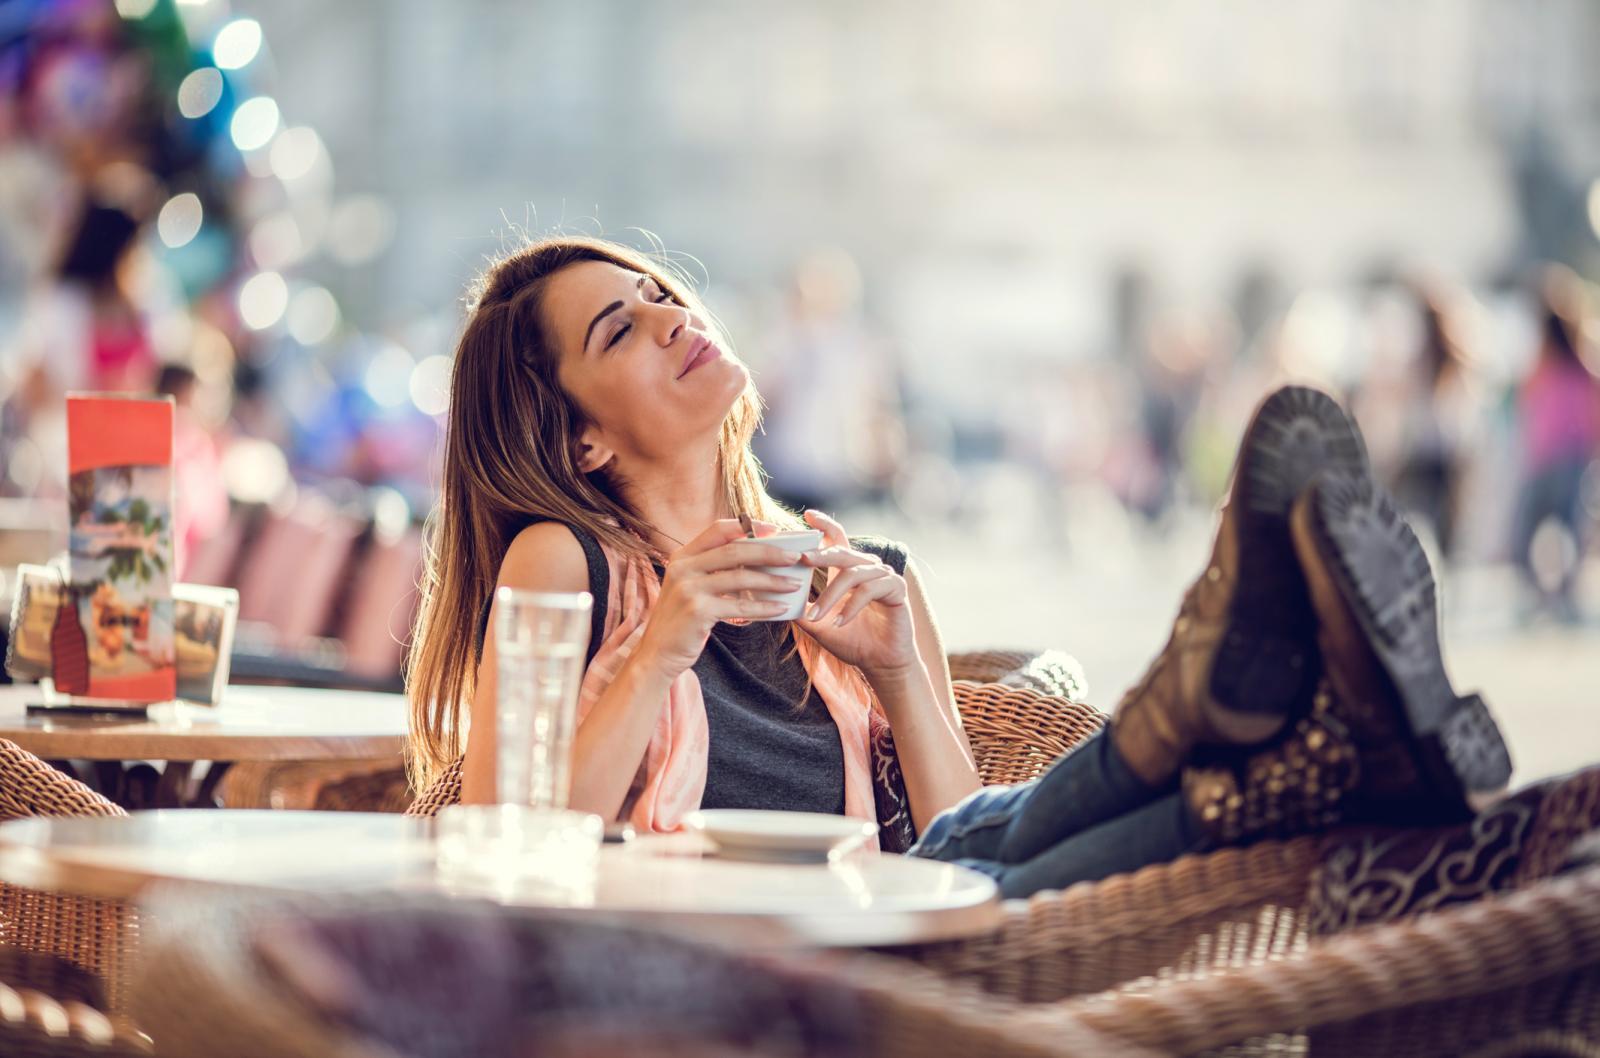 Zasjela sam u kafić (i to na mjesto koje mi se dopalo, a ne na mjesto uz koje stanu i kolica), naručila kavu s mlijekom, vodu i današnje novine i pomislila kako je život lijep.